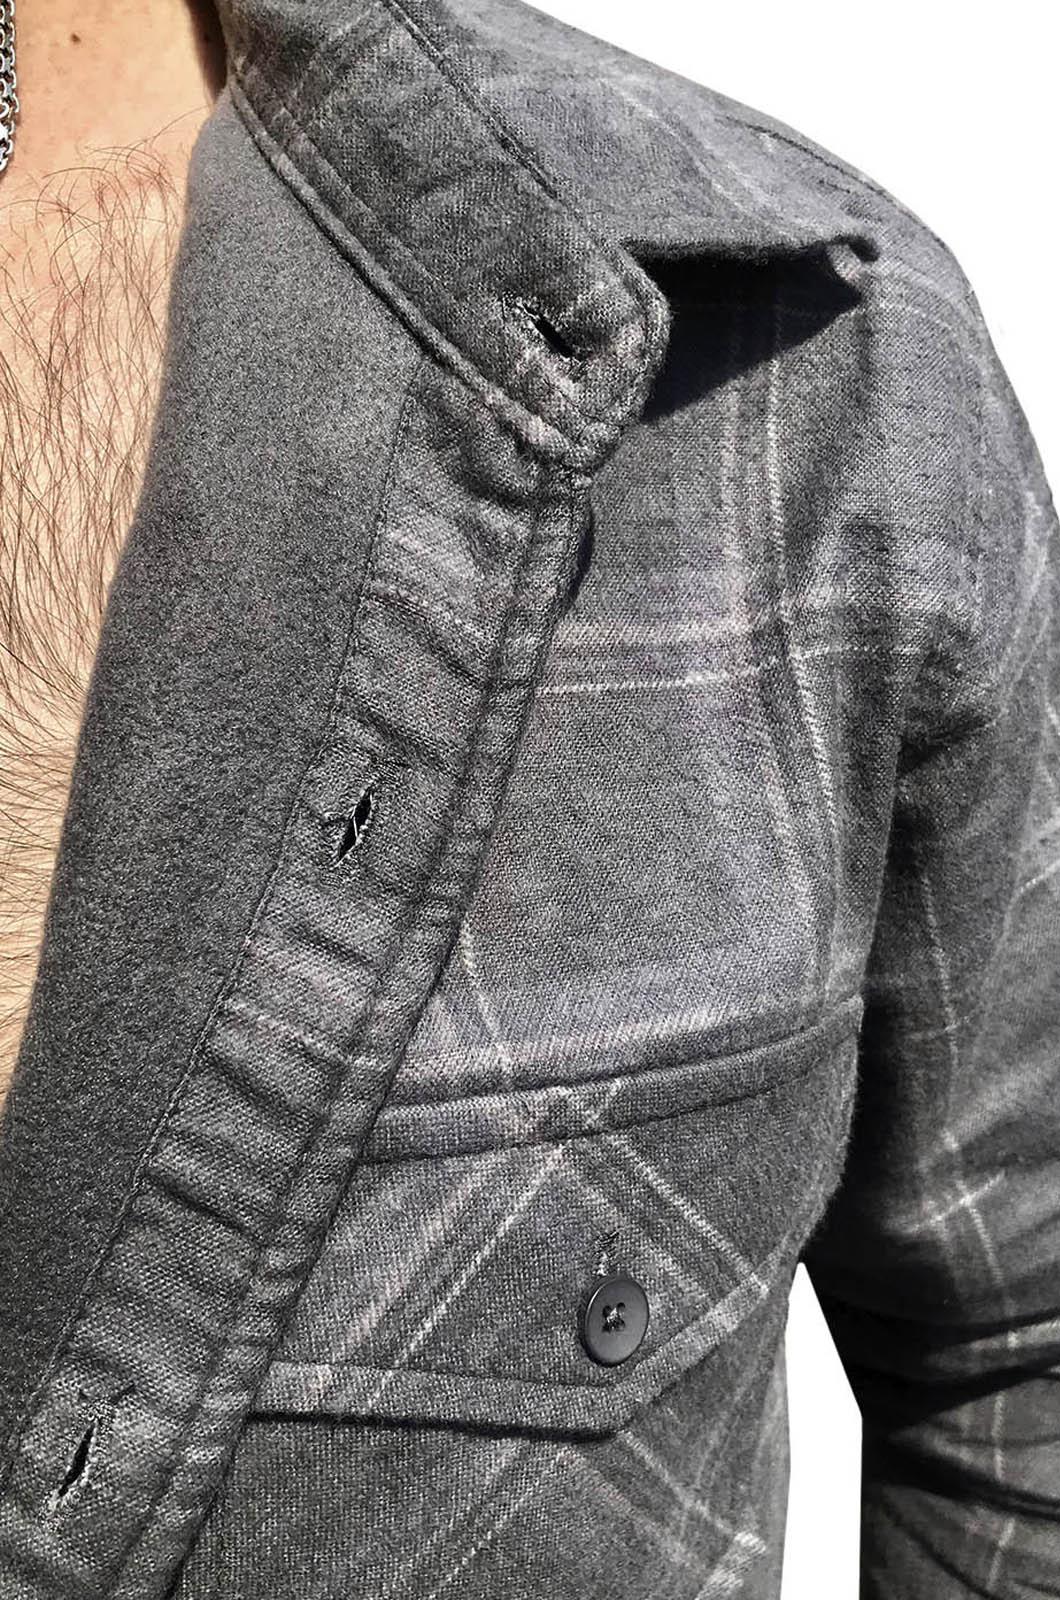 Клетчатая мужская рубашка с вышитым шевроном РВиА - заказать онлайн